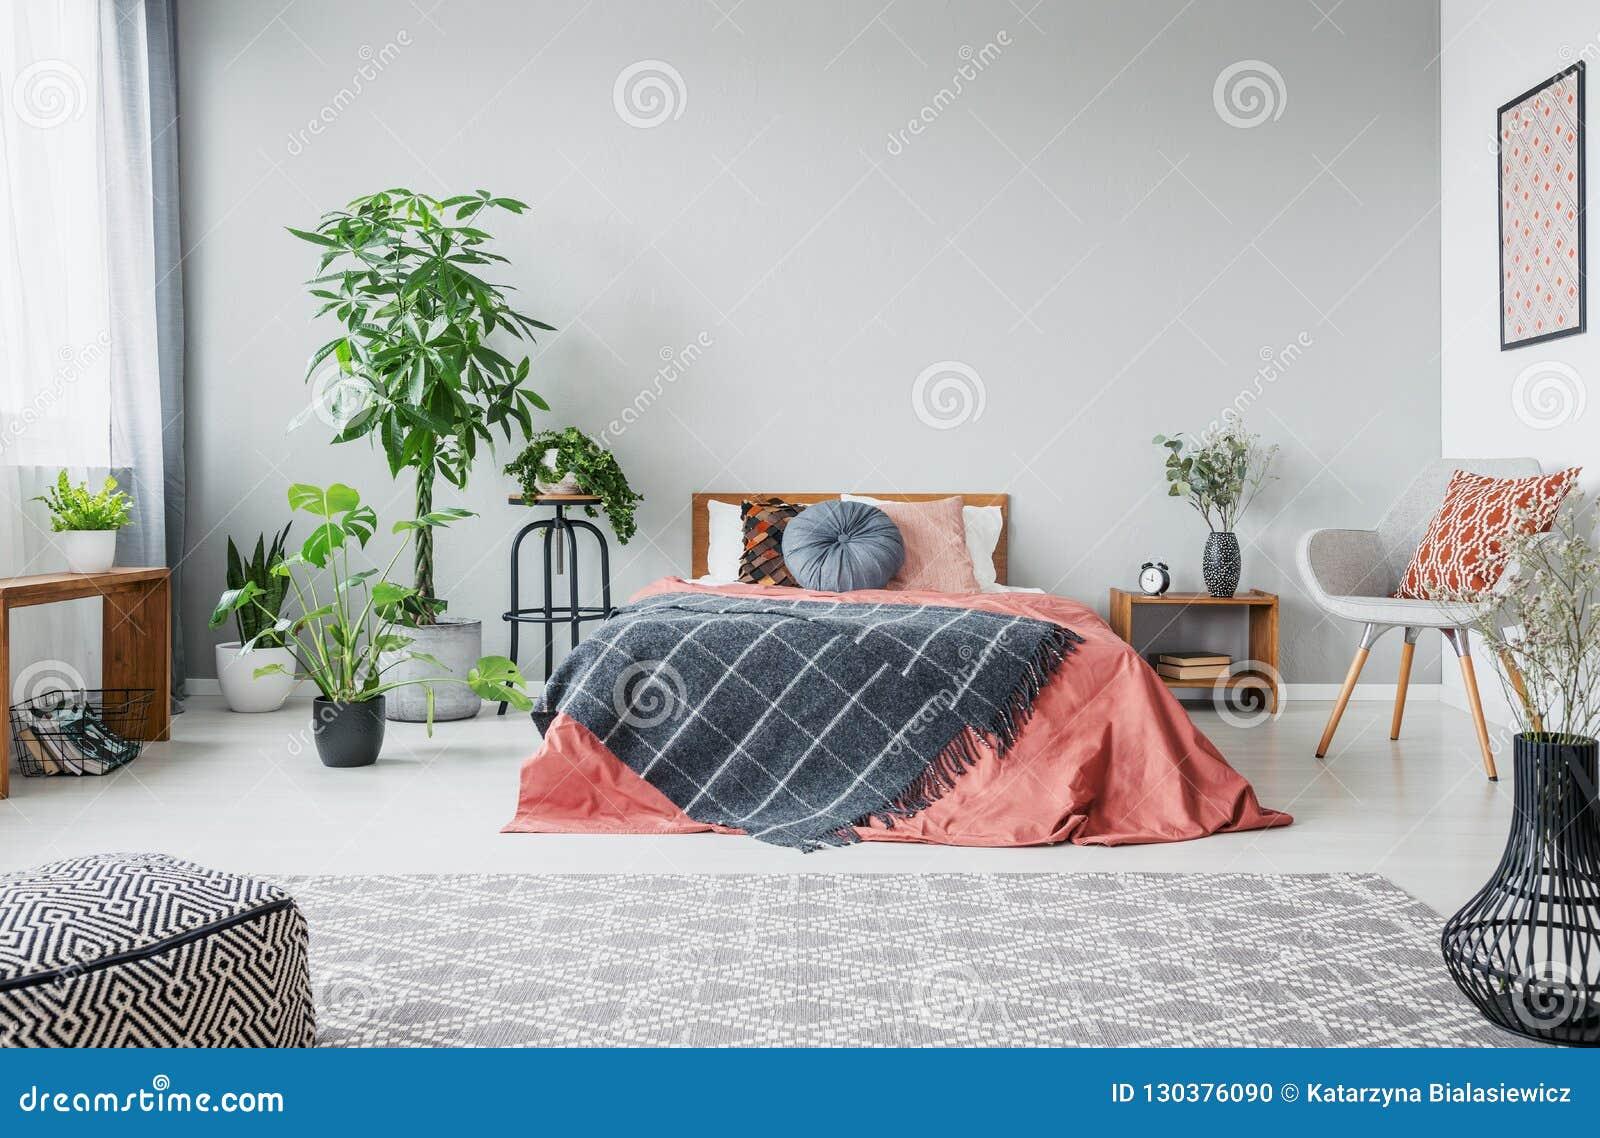 Selva urbana en dormitorio moderno con la cama gigante, la butaca gris cómoda y la alfombra modelada